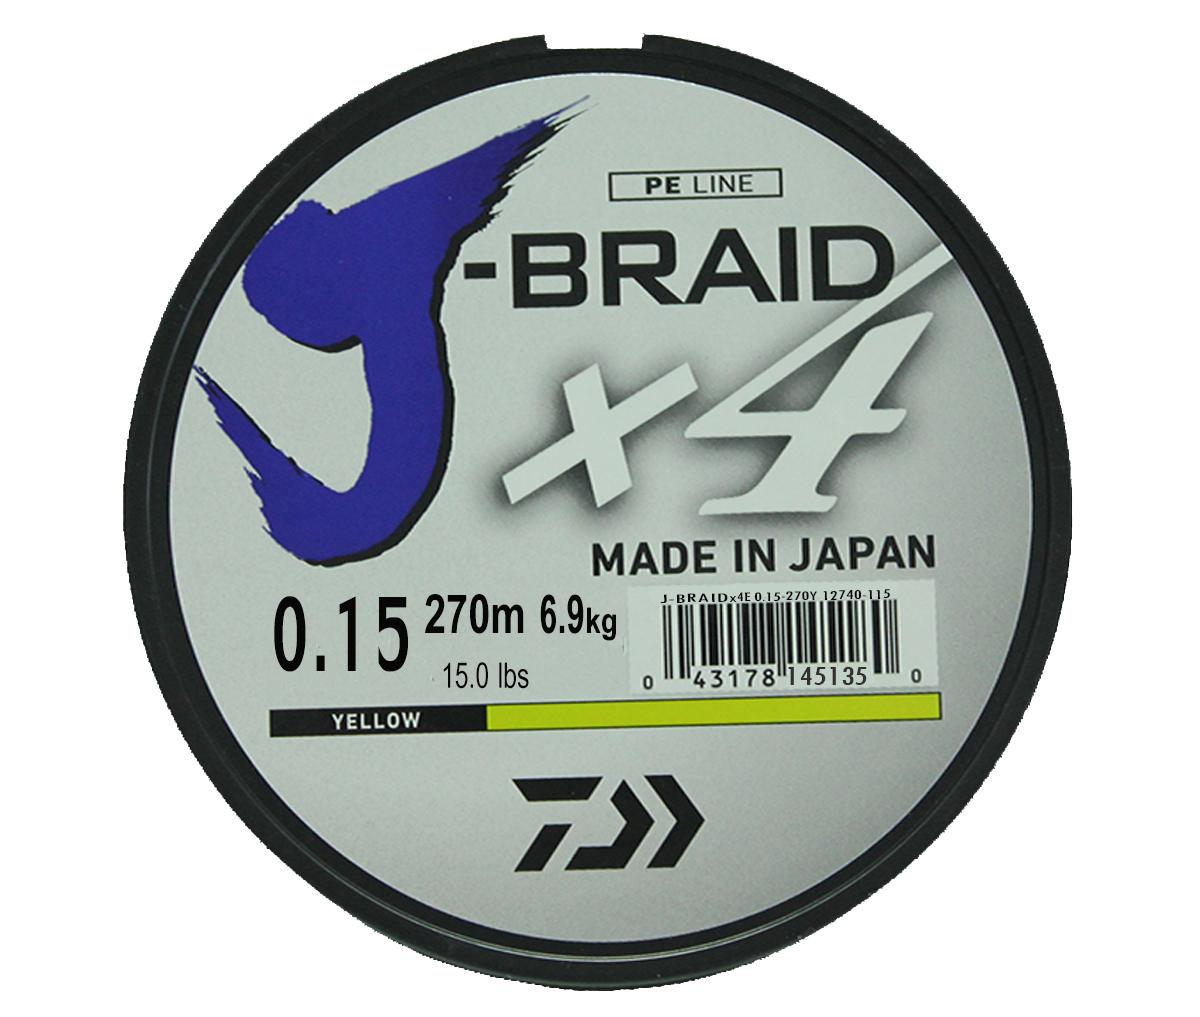 Шнур плетеный Daiwa J-Braid X4, цвет: флуоресцентный желтый, 270 м, 0,15 мм61148Новый 4х жильный шнур J-Braid, DAIWA - шнур высокого класса с удивительным соотношением цены и качества. Качество плетения полностью соответствует японским стандартам и удовлетворяет всем требованиям. Представленные диаметры позволяют использовать шнур для всех техник ловли, начиная от ultra- light ловли окуня, до морской ловли палтуса, трески и т.д